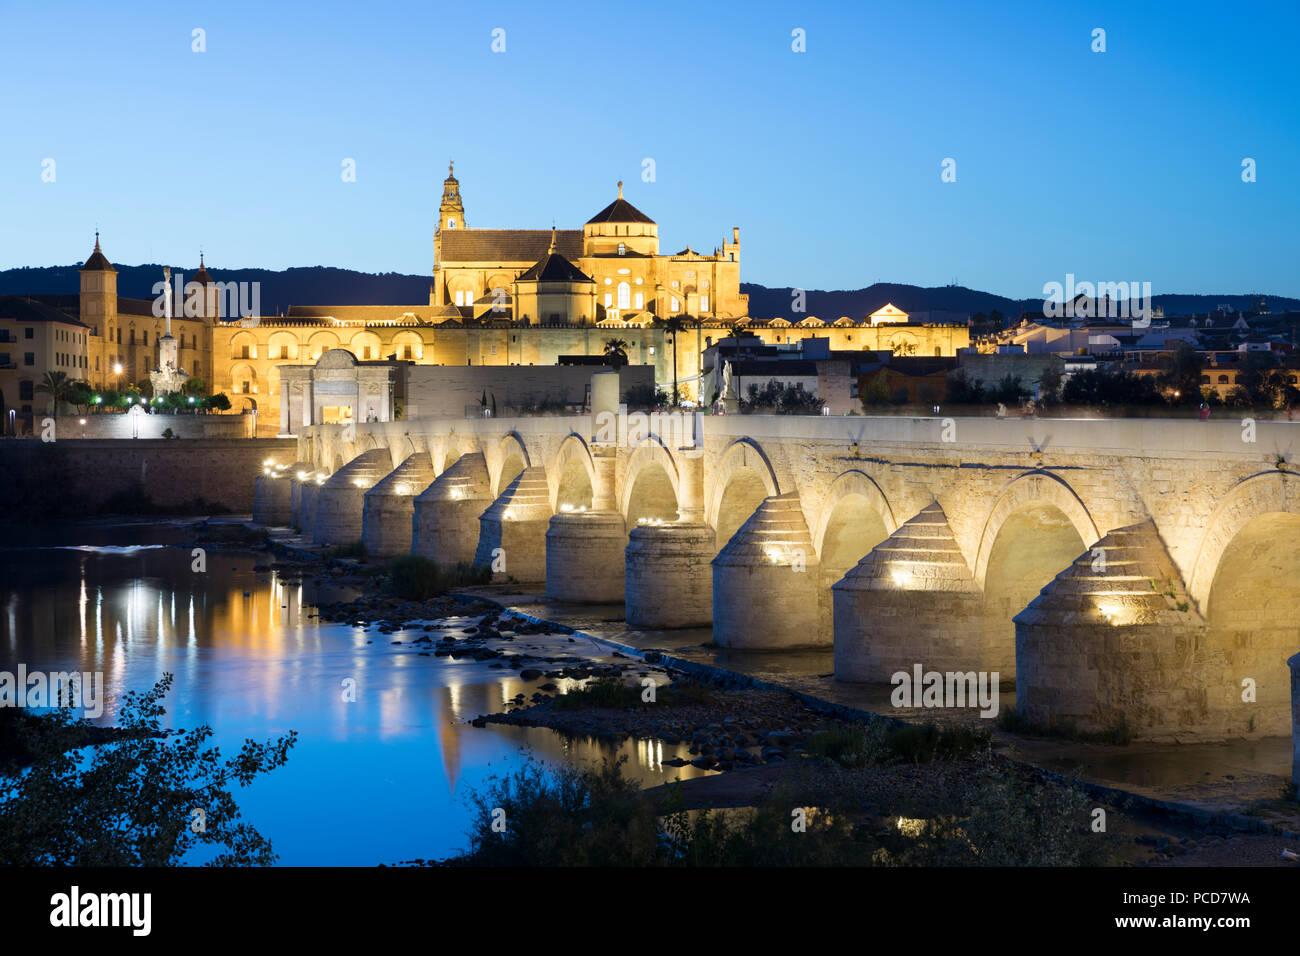 Der Mezquita und Römische Brücke über den Fluss Guadalquivir mit Flutlicht in der Nacht, Cordoba, Andalusien, Spanien, Europa Stockbild